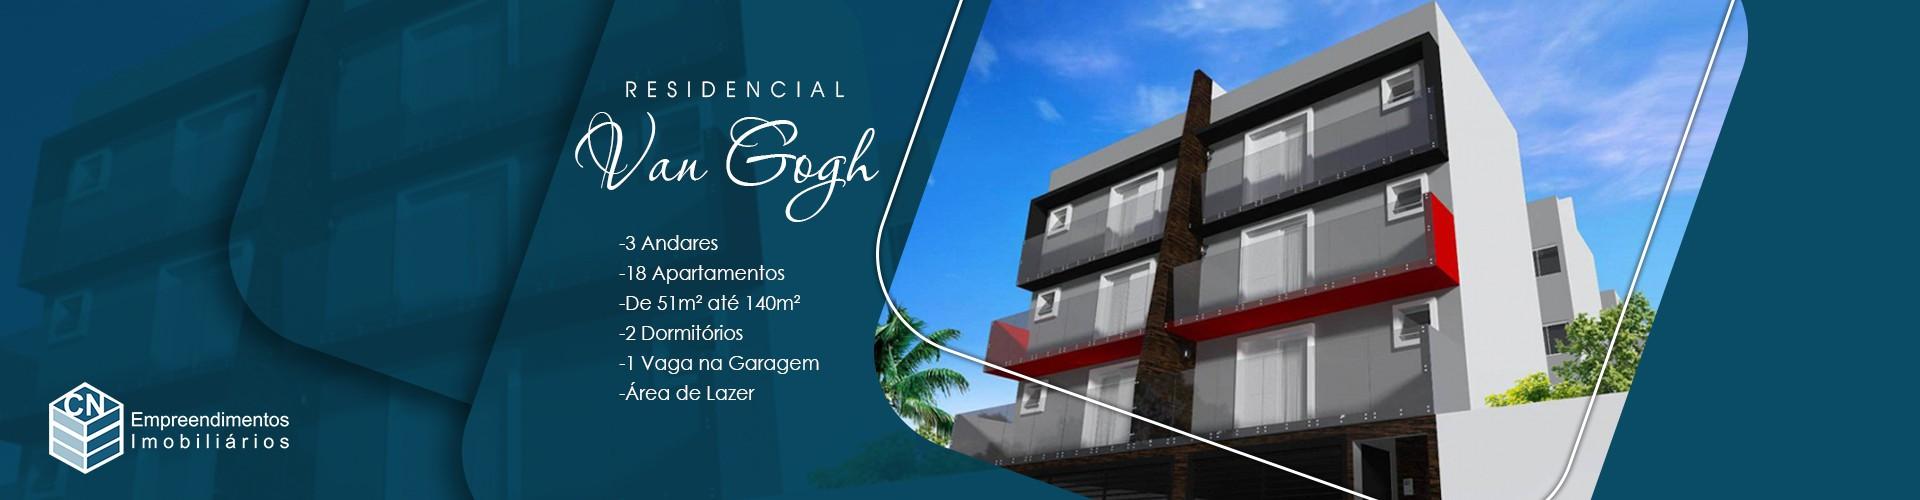 Residencial Van Gogh - Últimas unidades na Vila Bocaina em Mauá